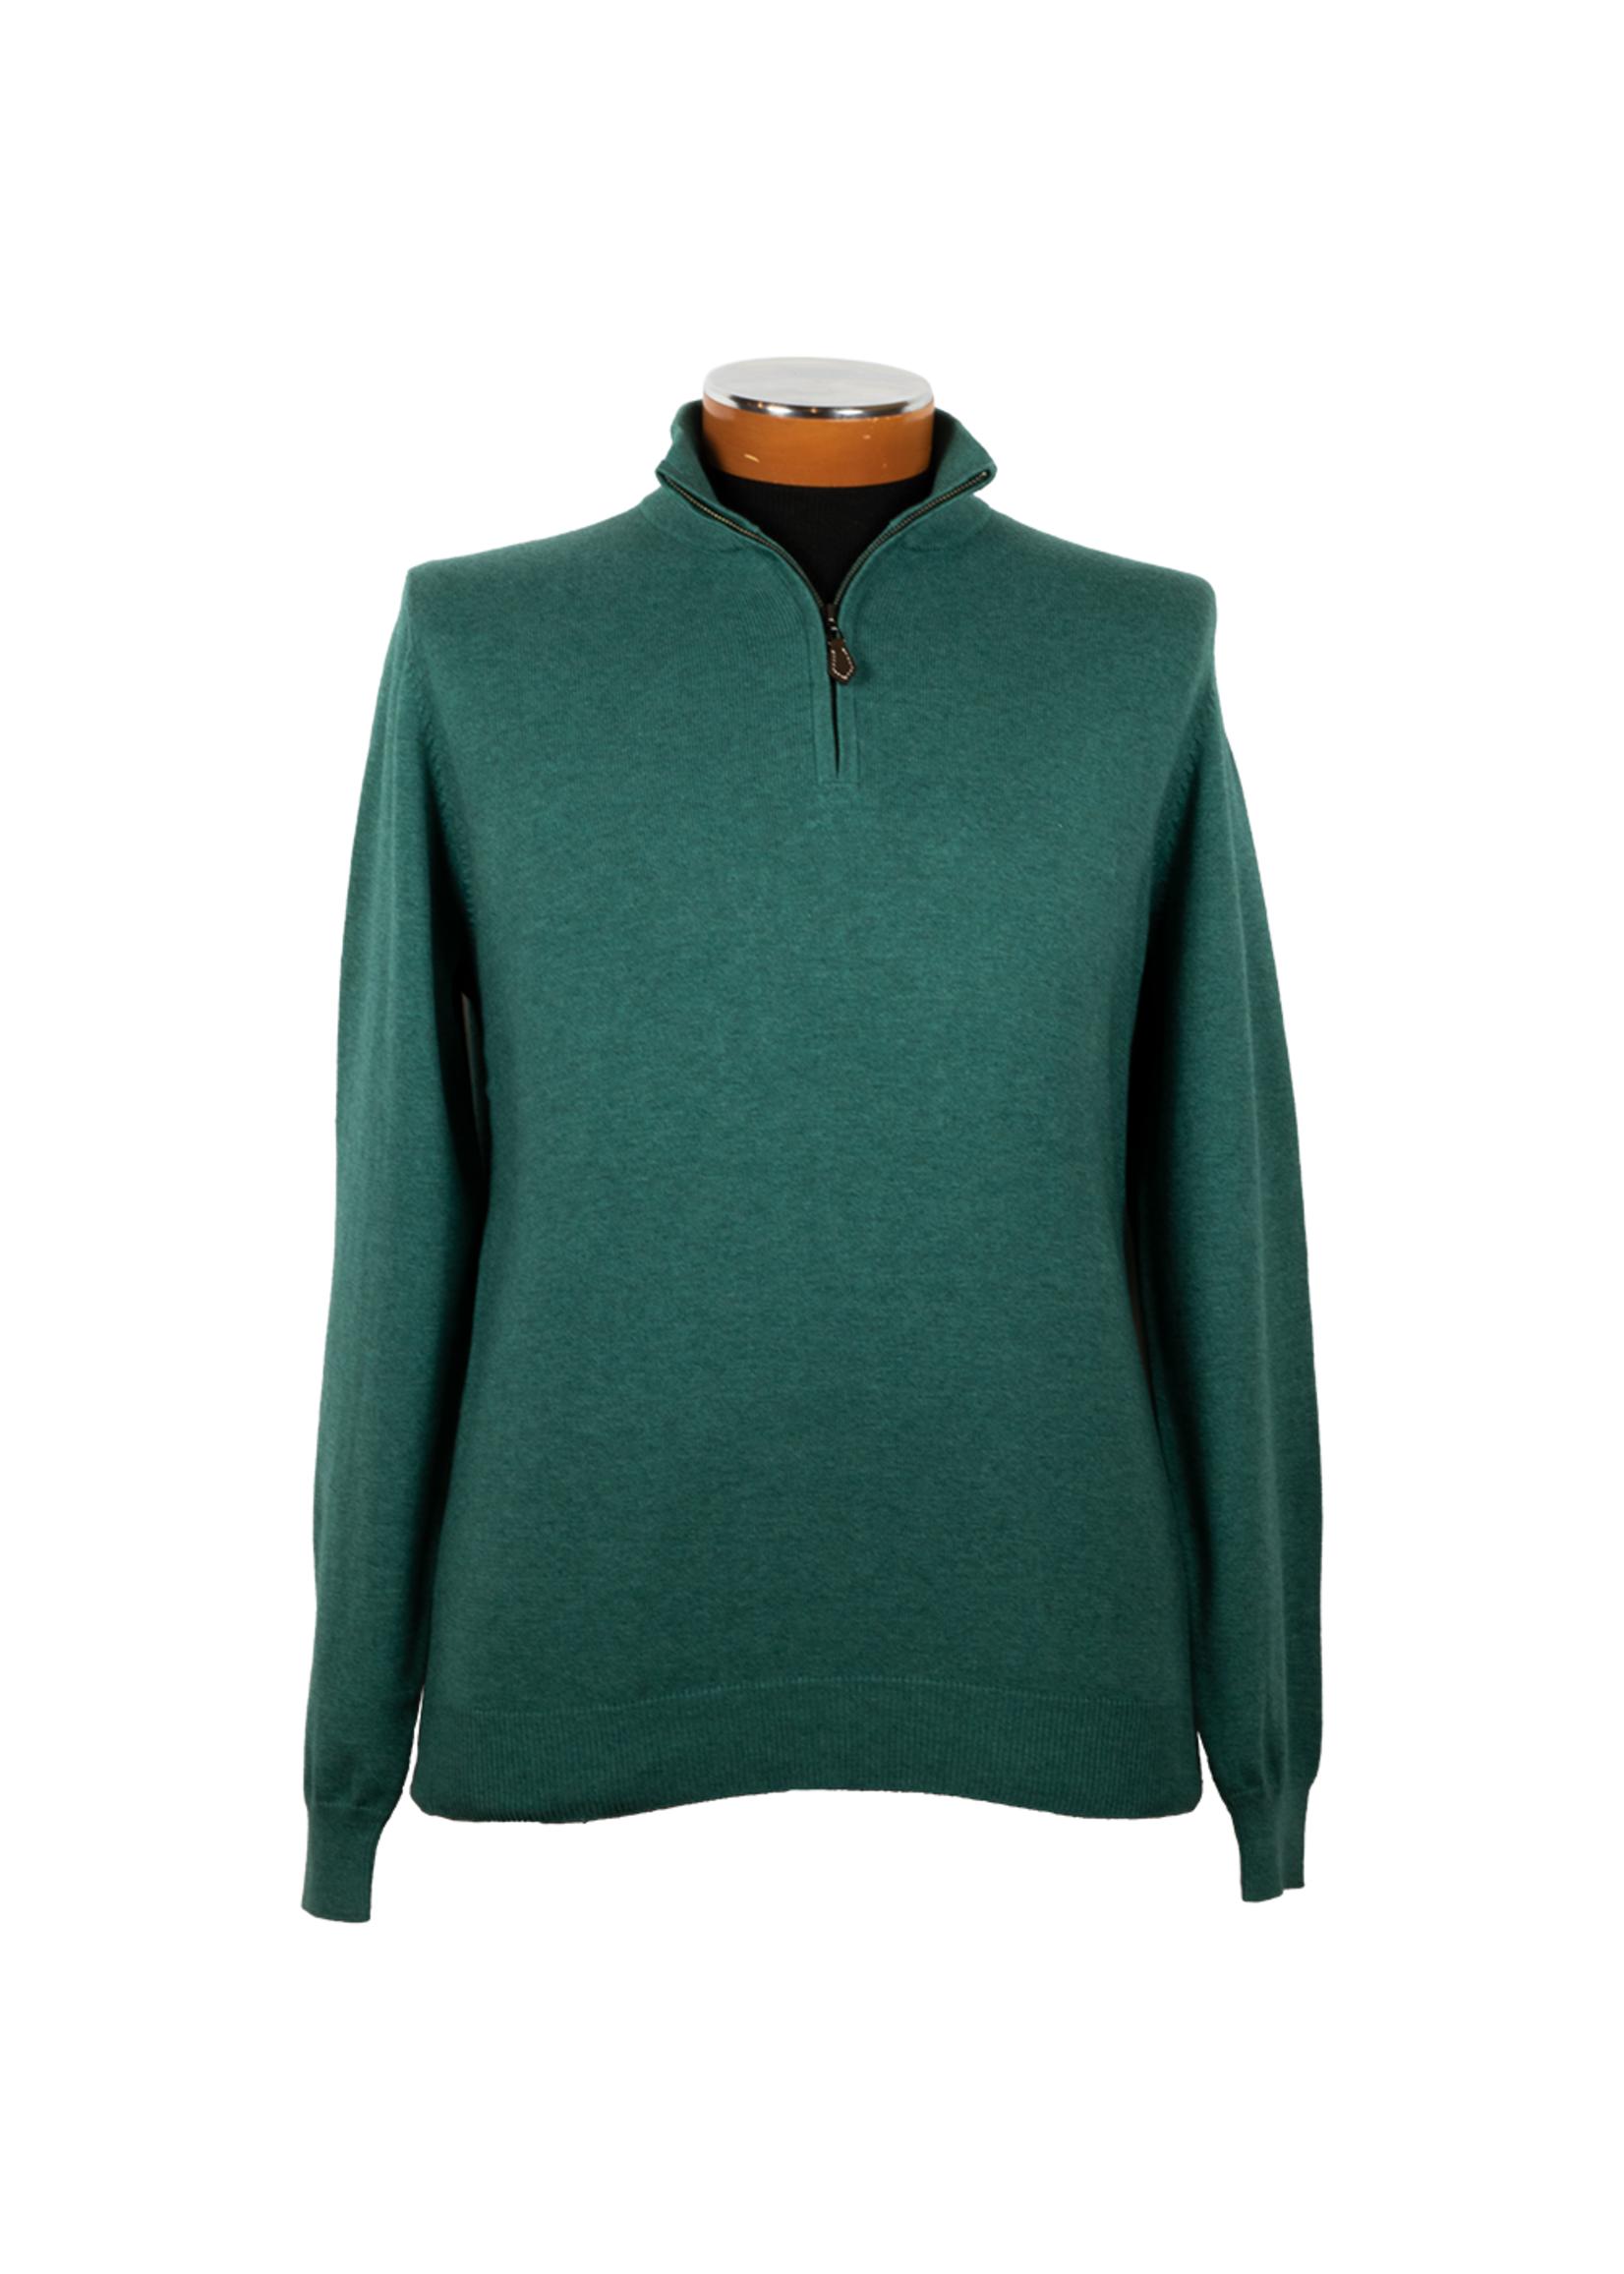 Alan Paine Selhurst Pima Cotton/Cashmere Half  Zip by Alan Paine